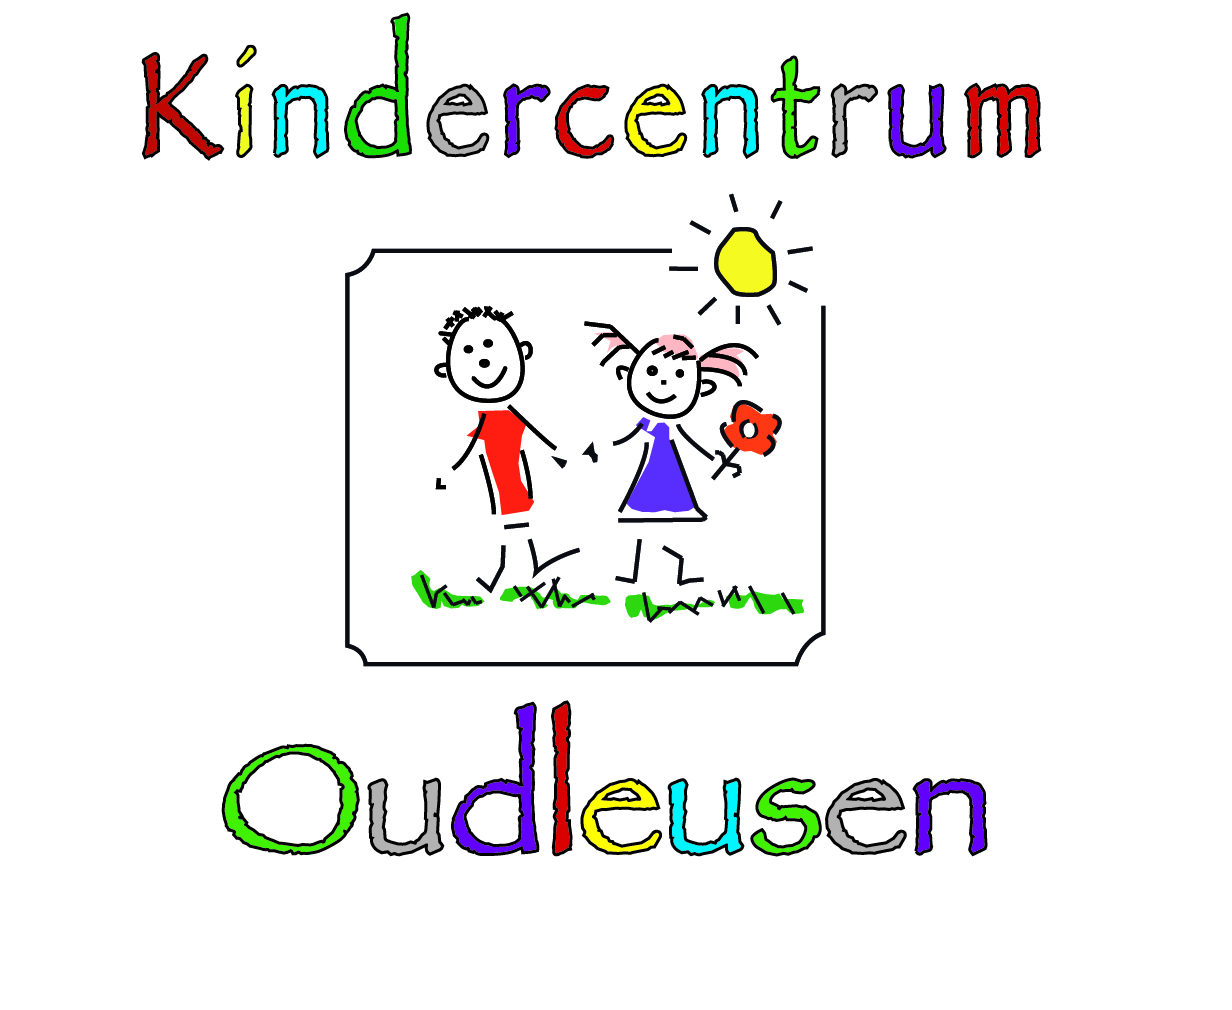 Kindercentrum Oudleusen met poppetjes